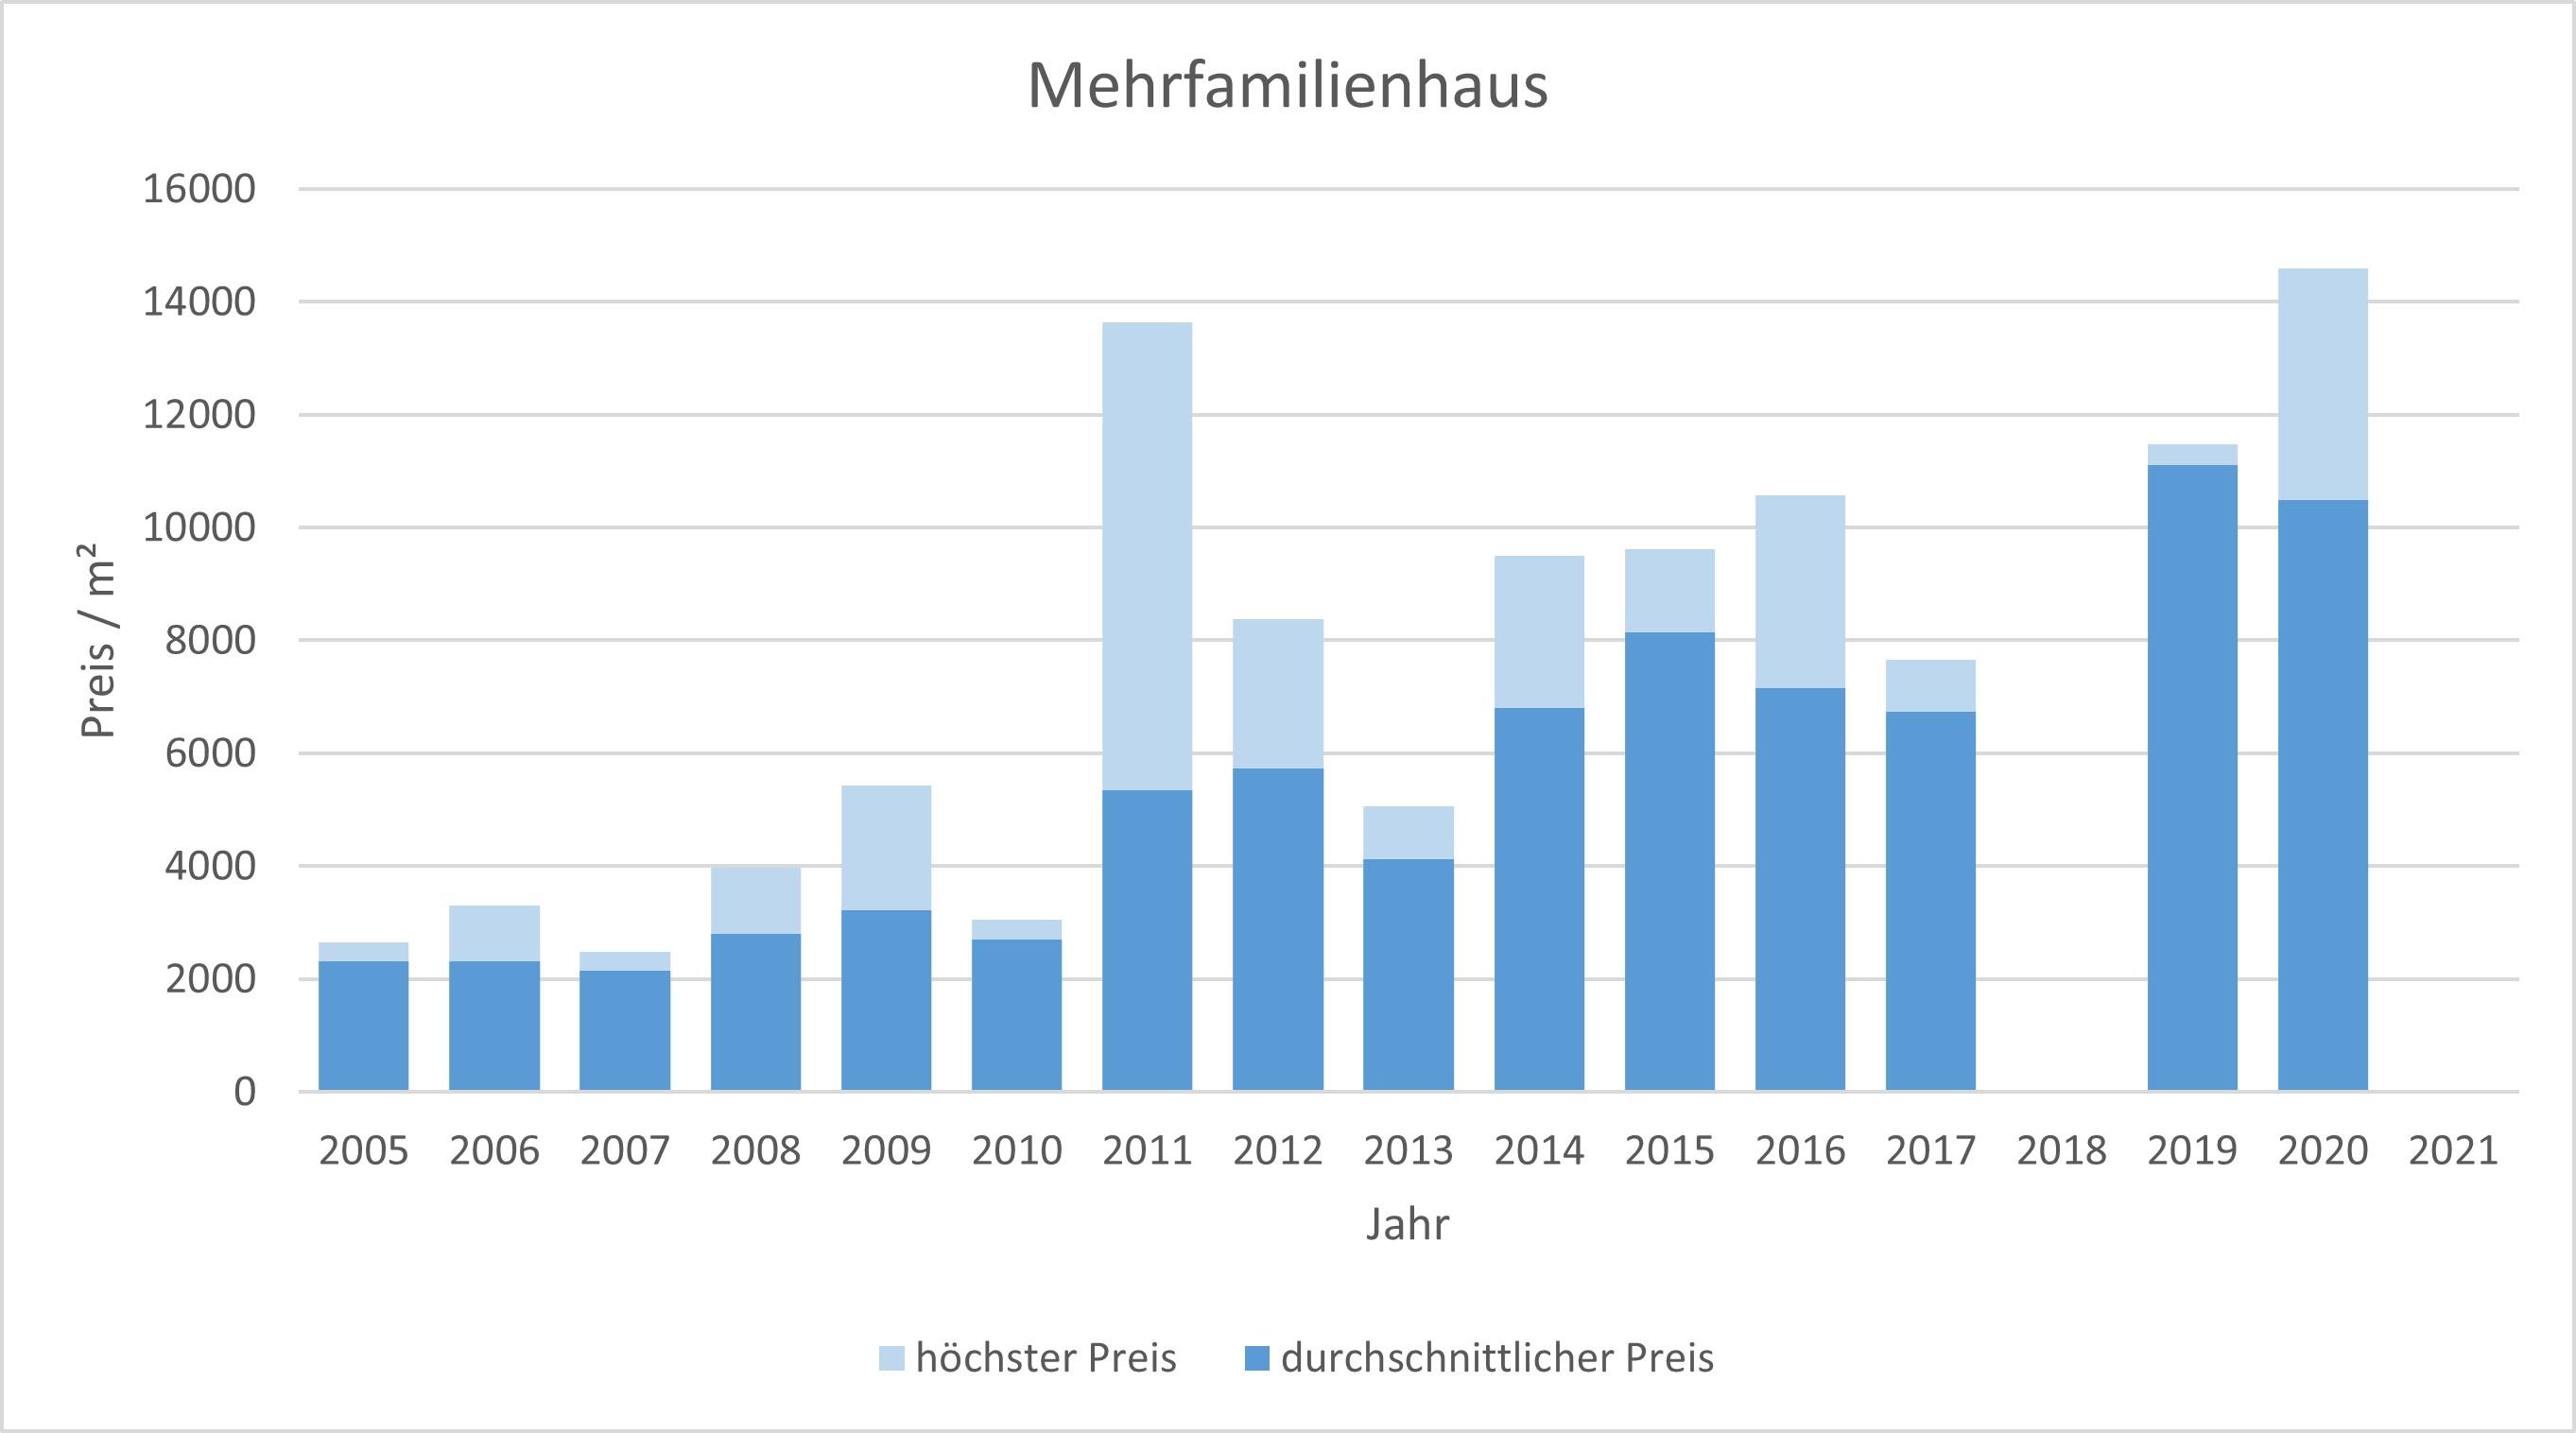 München - Haidhausen Mehrfamilienhaus kaufen verkaufen Preis Bewertung 2019 2020 2021 Makler www.happy-immo.de